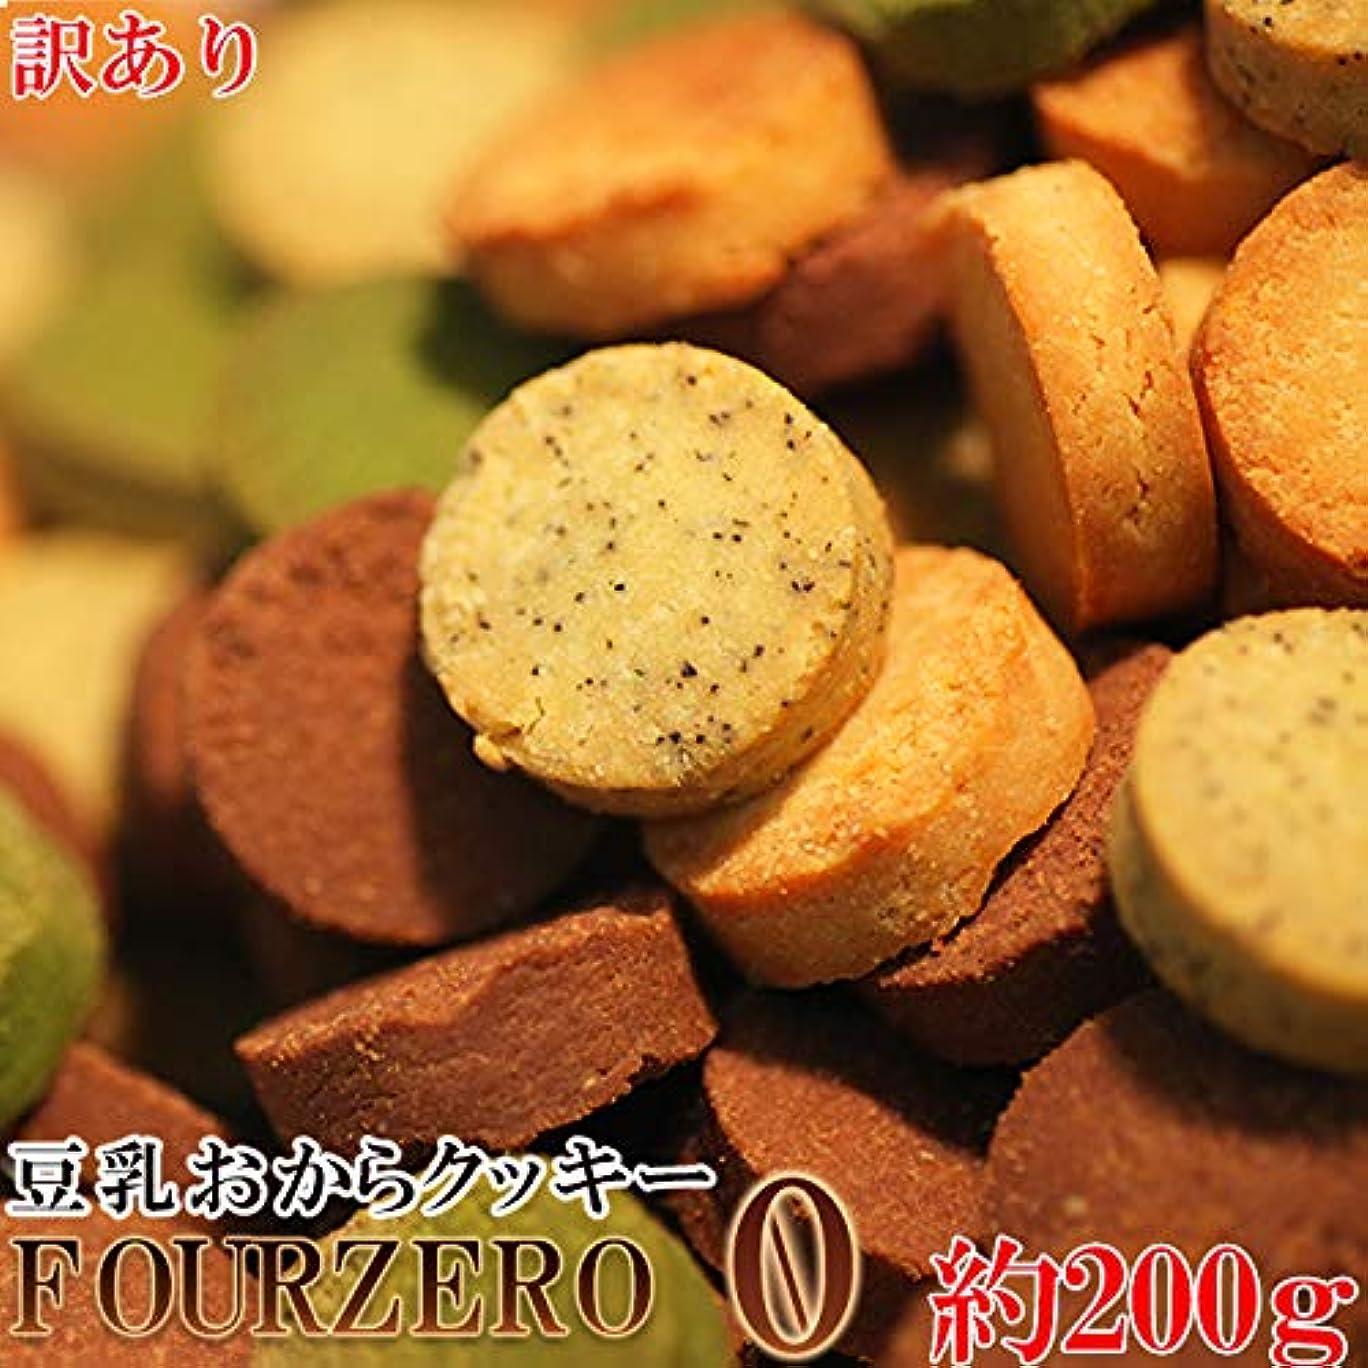 恨みパフくそー天然生活 【ゆうパケット】人気のおからクッキーにお試しが登場!!【訳あり】豆乳おからクッキーFour Zero(4種)200g SM00010488